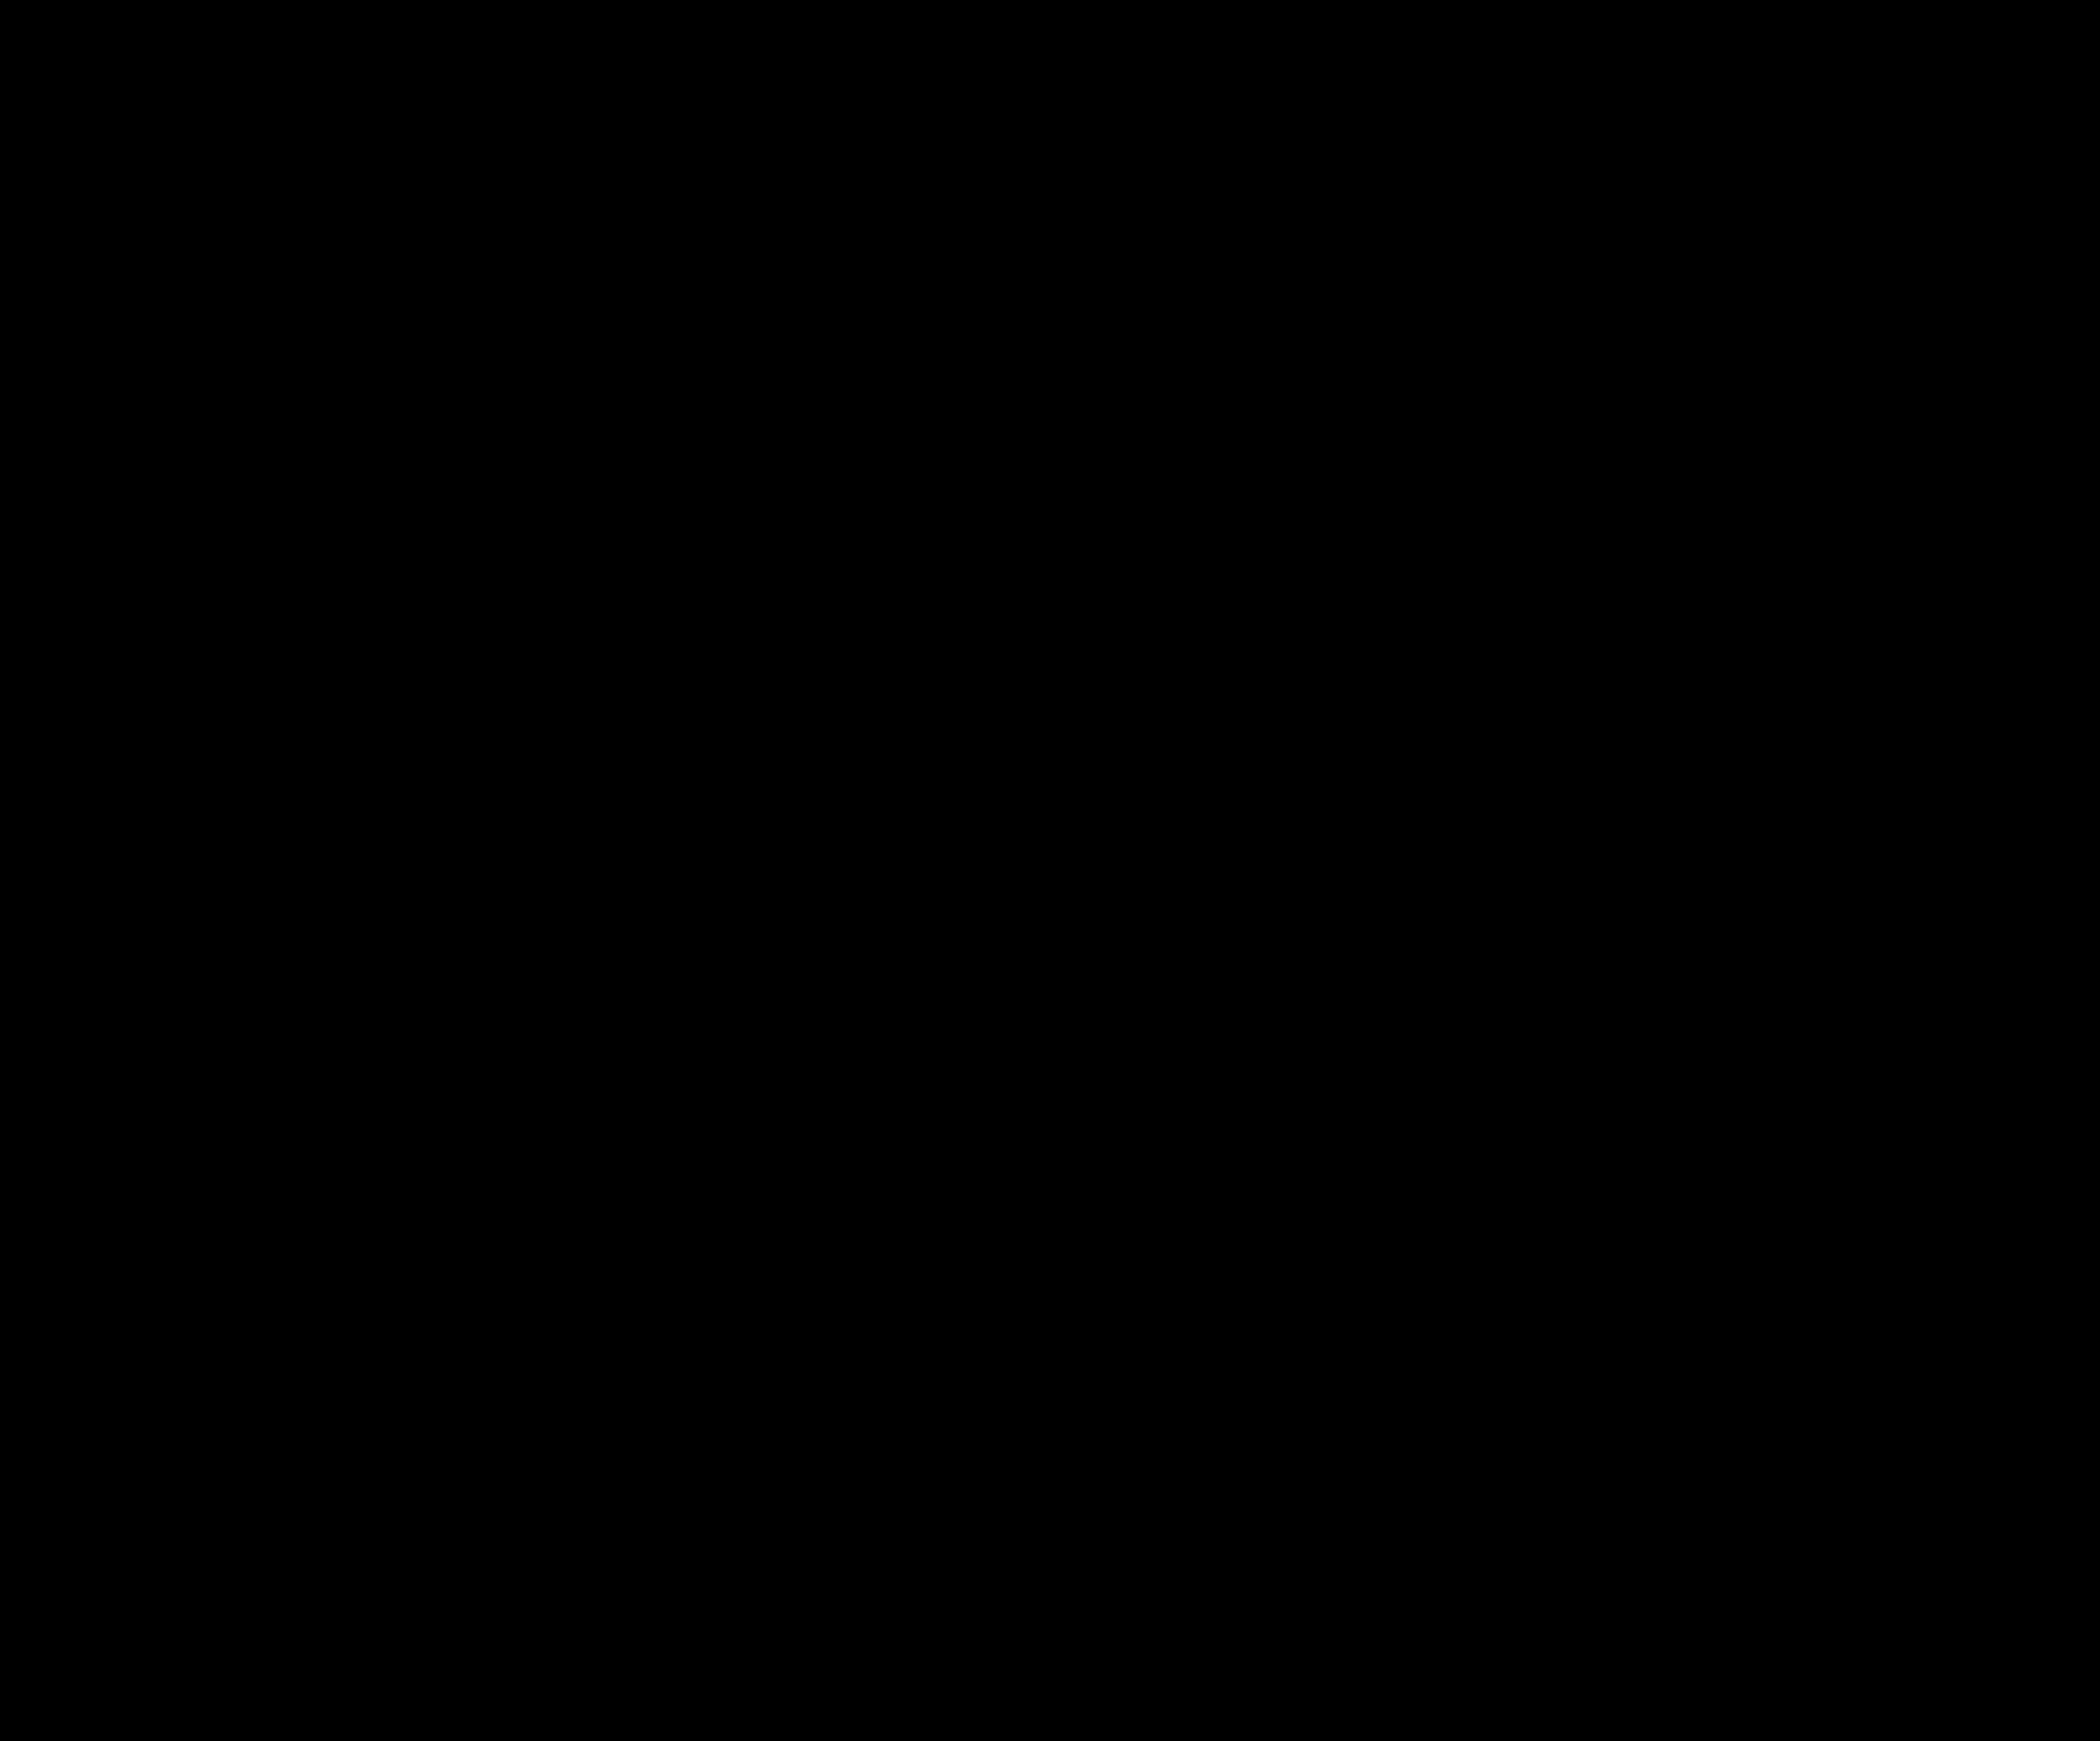 satellite-drawing-1.png